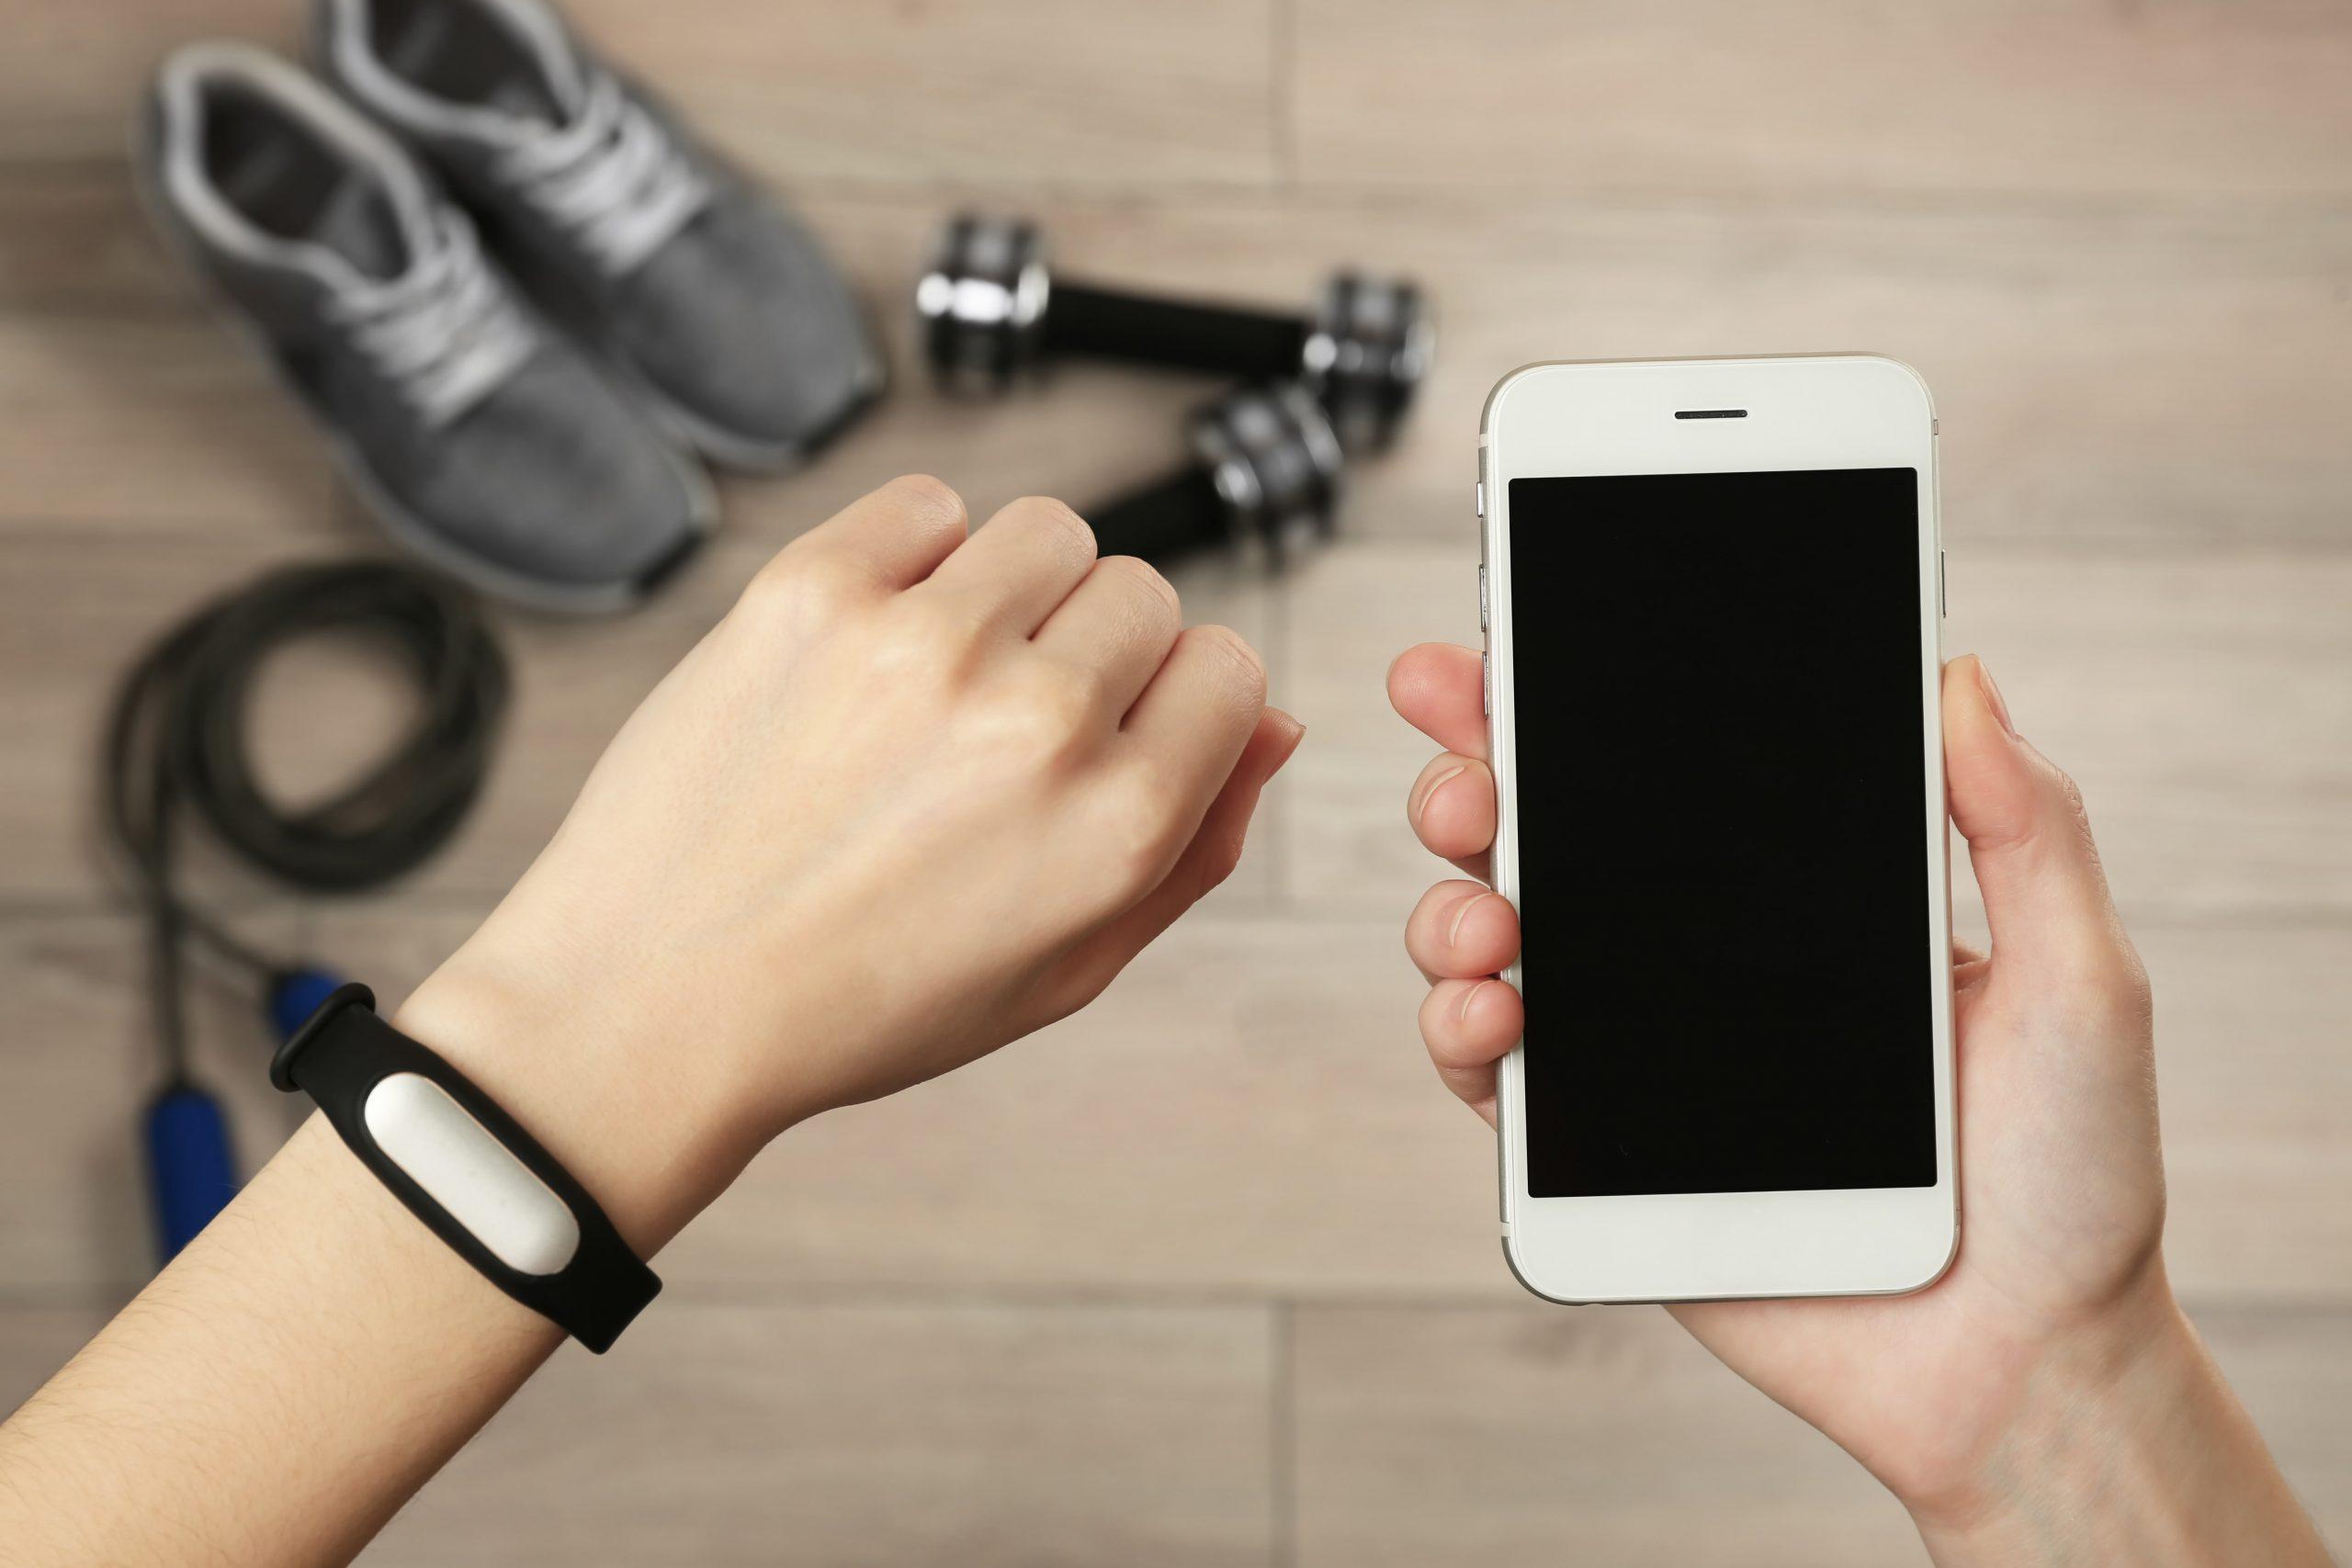 Tele2 предложил бесплатную переадресацию SMS с умных гаджетов и бытовых устройств 1